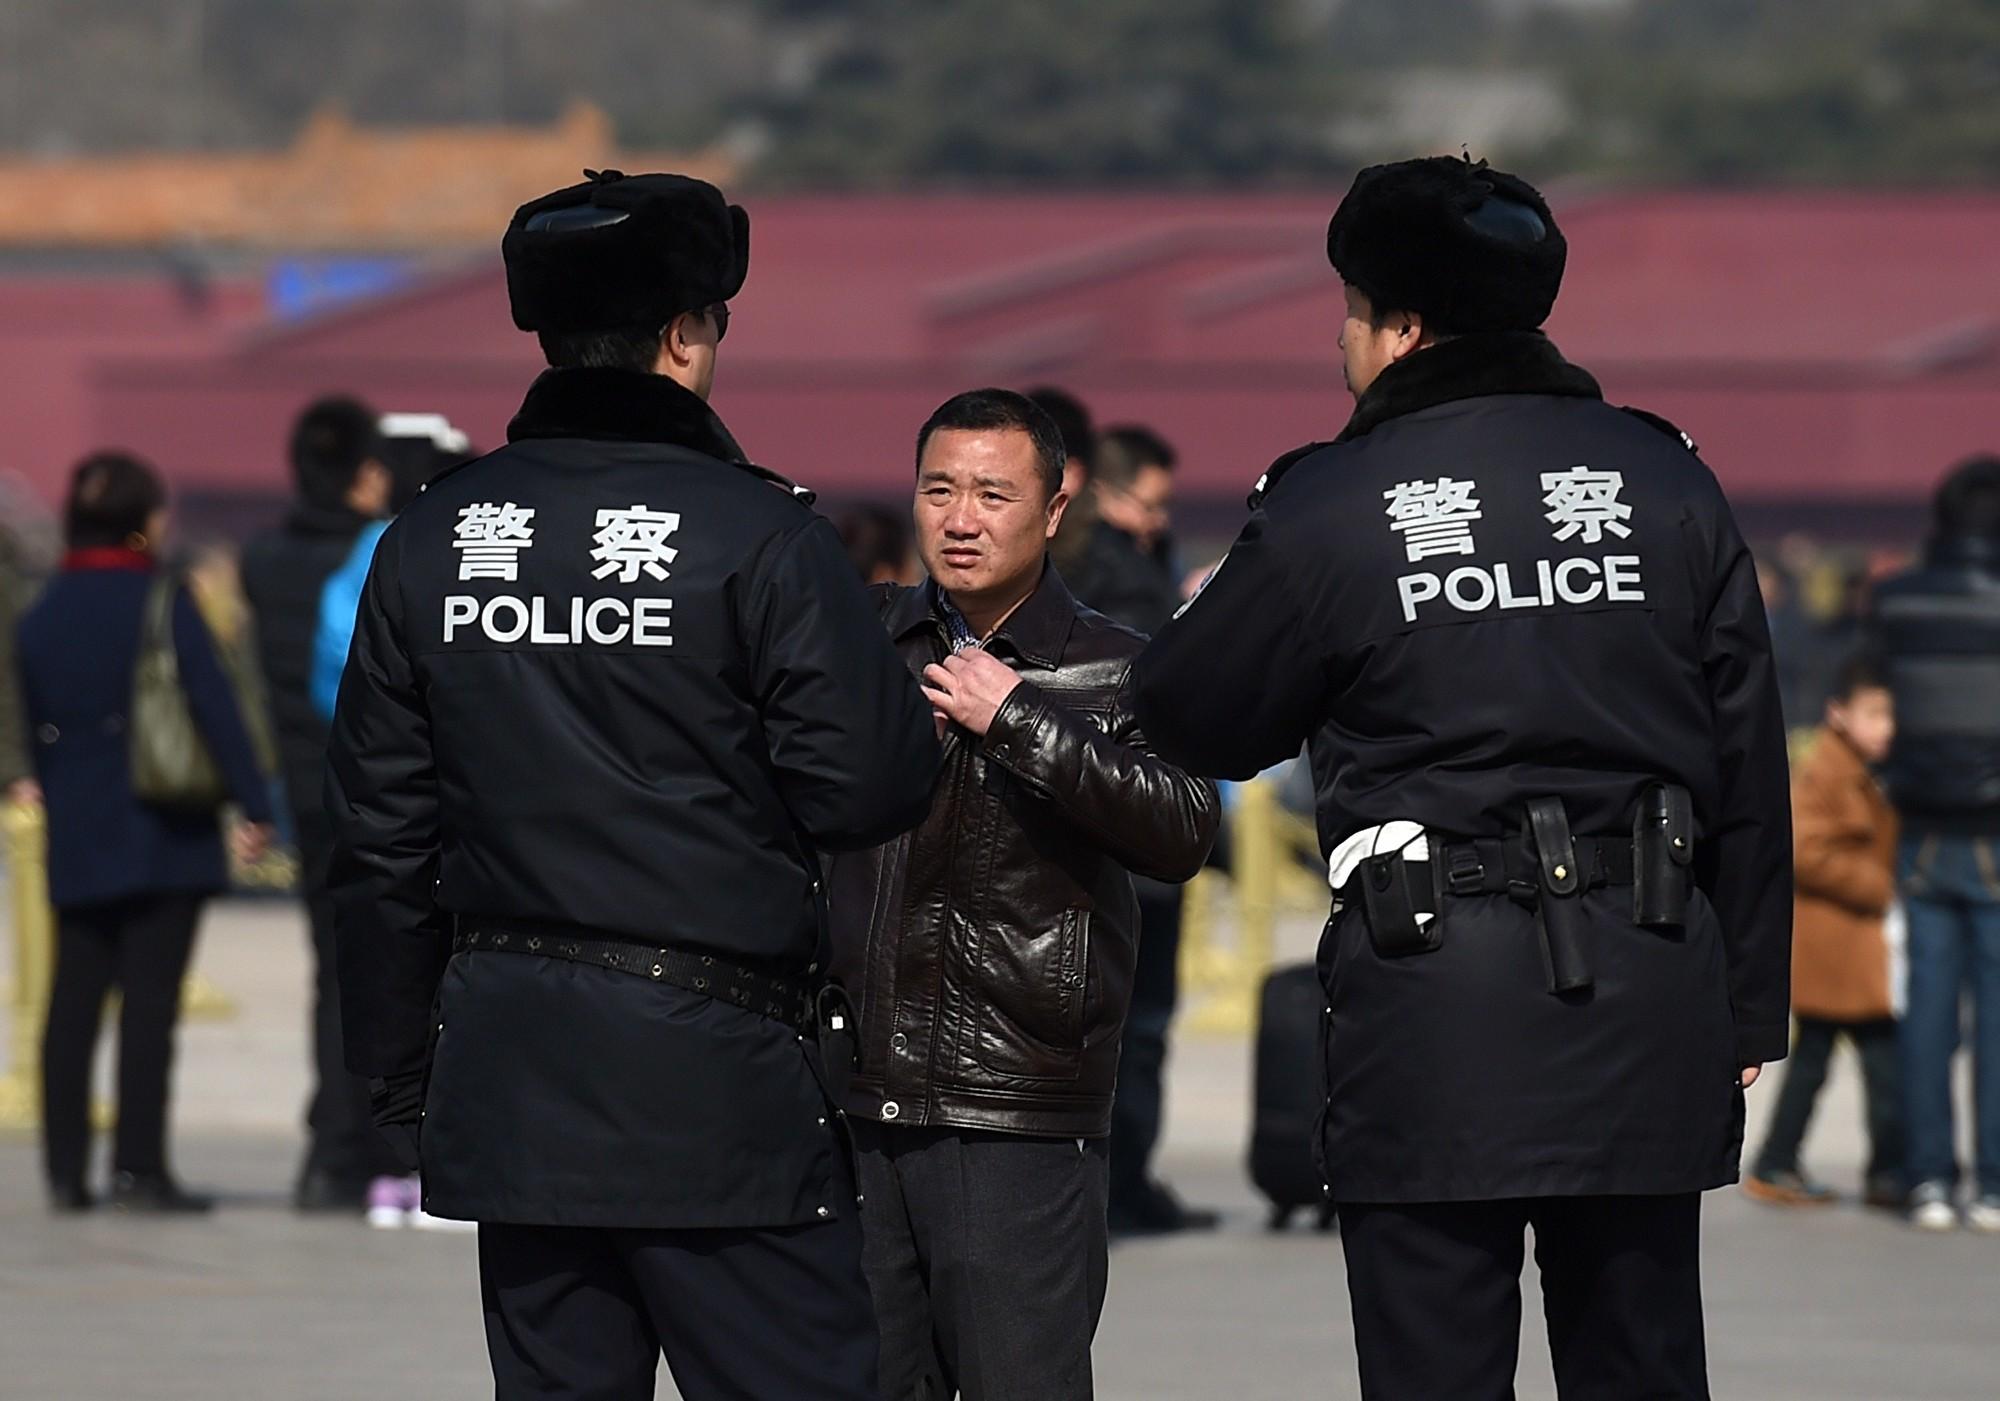 中共警方街頭查手機 強裝的神秘軟件背景深